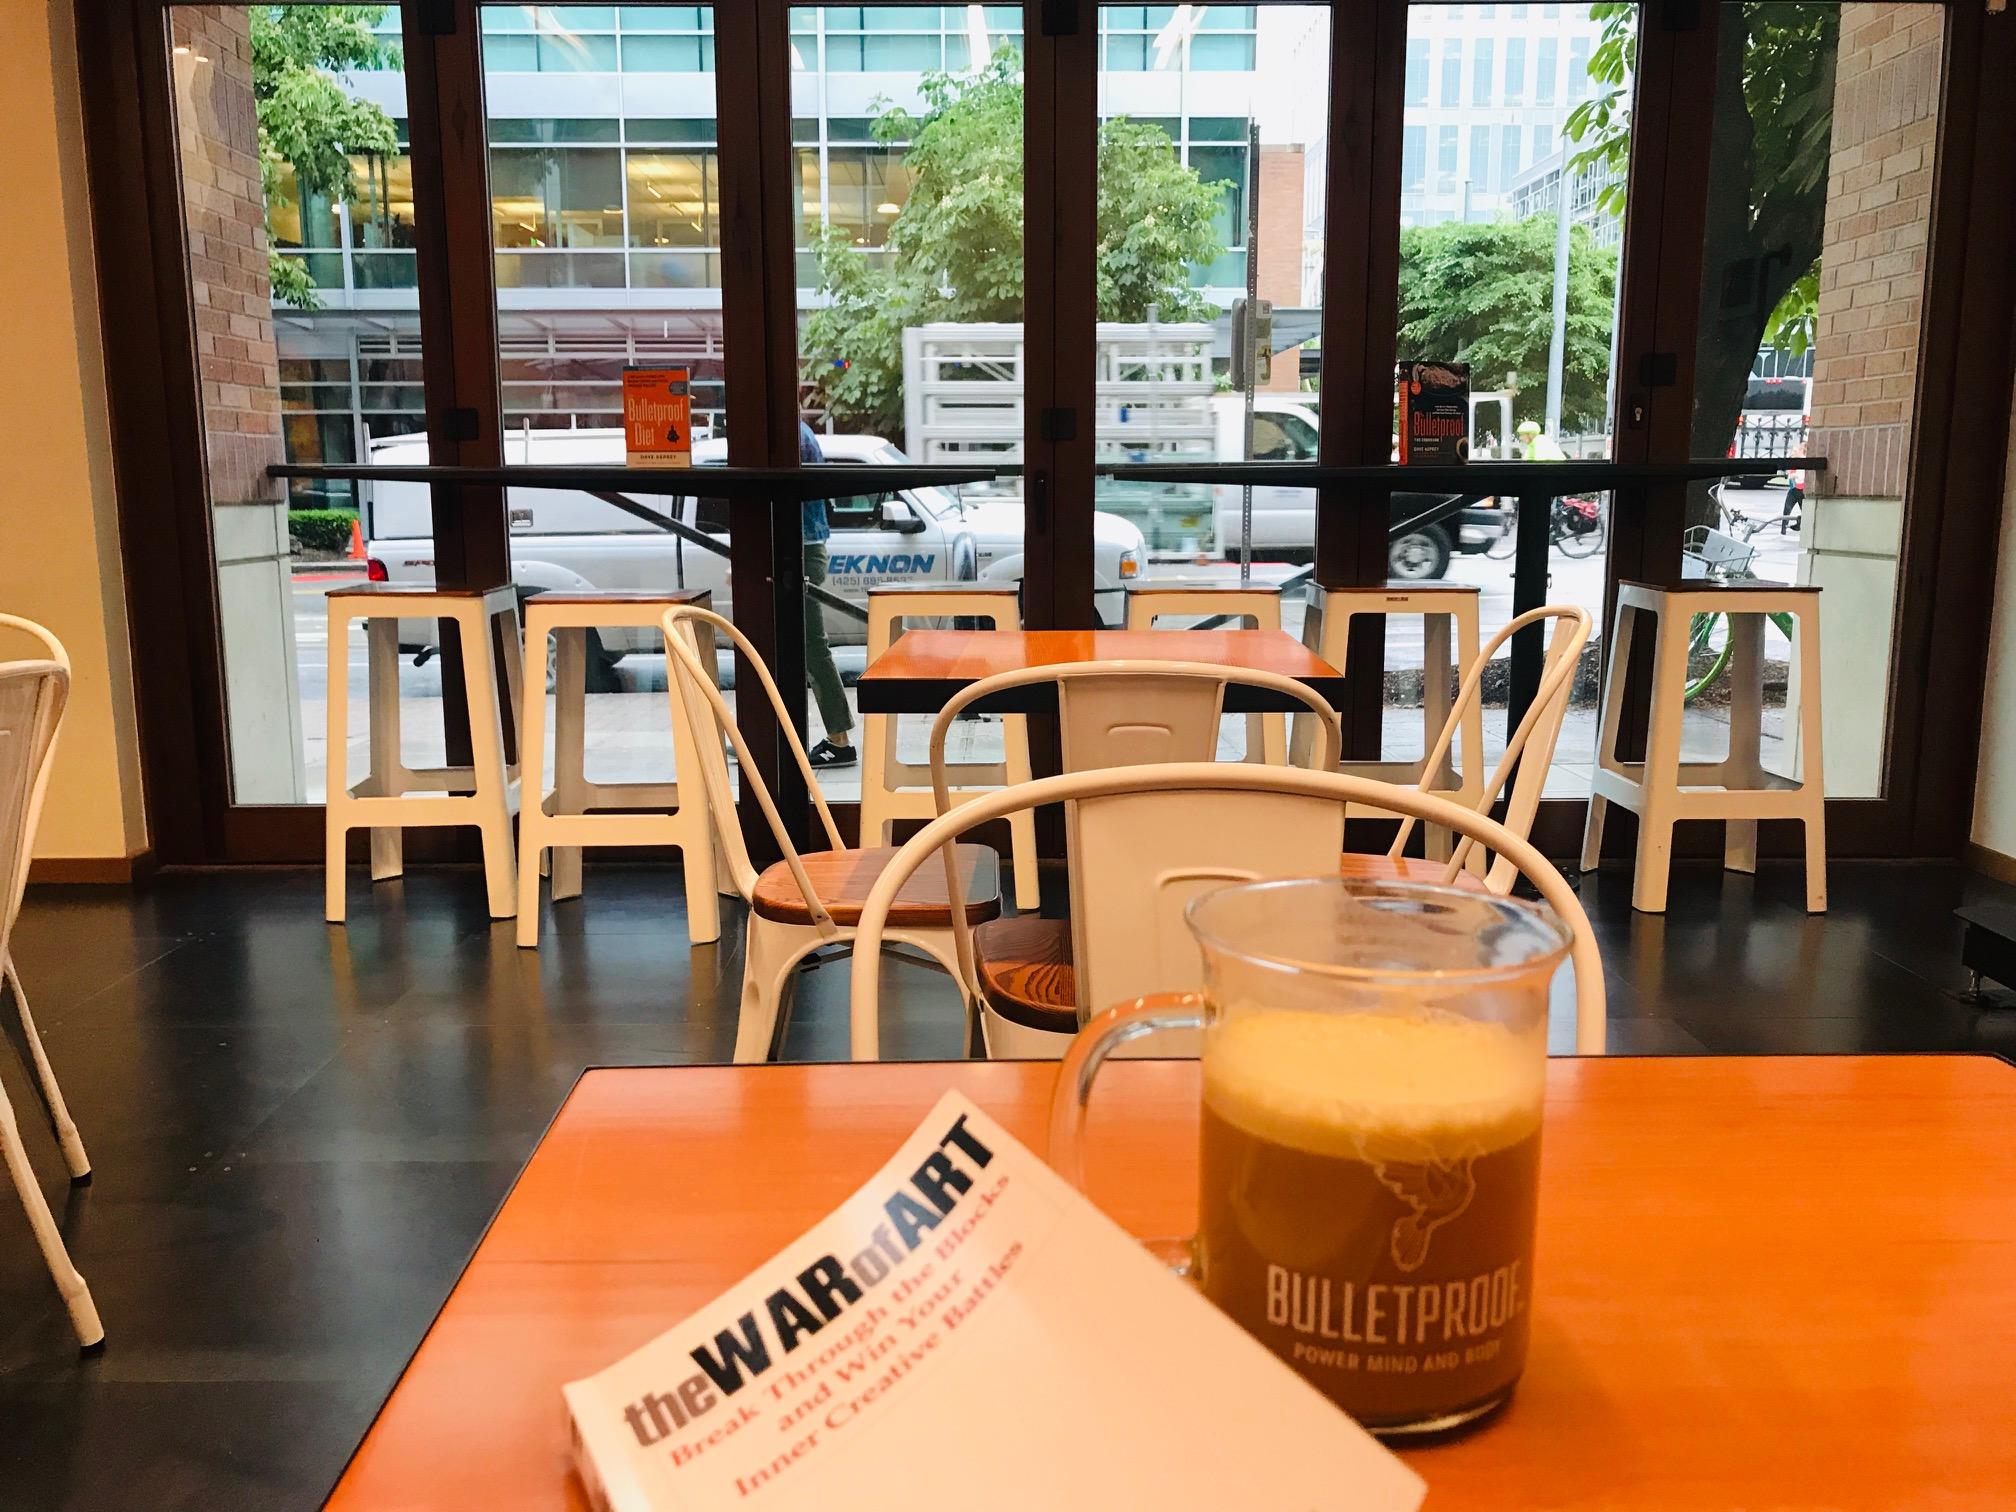 Bulletproof Cafe in Seattle